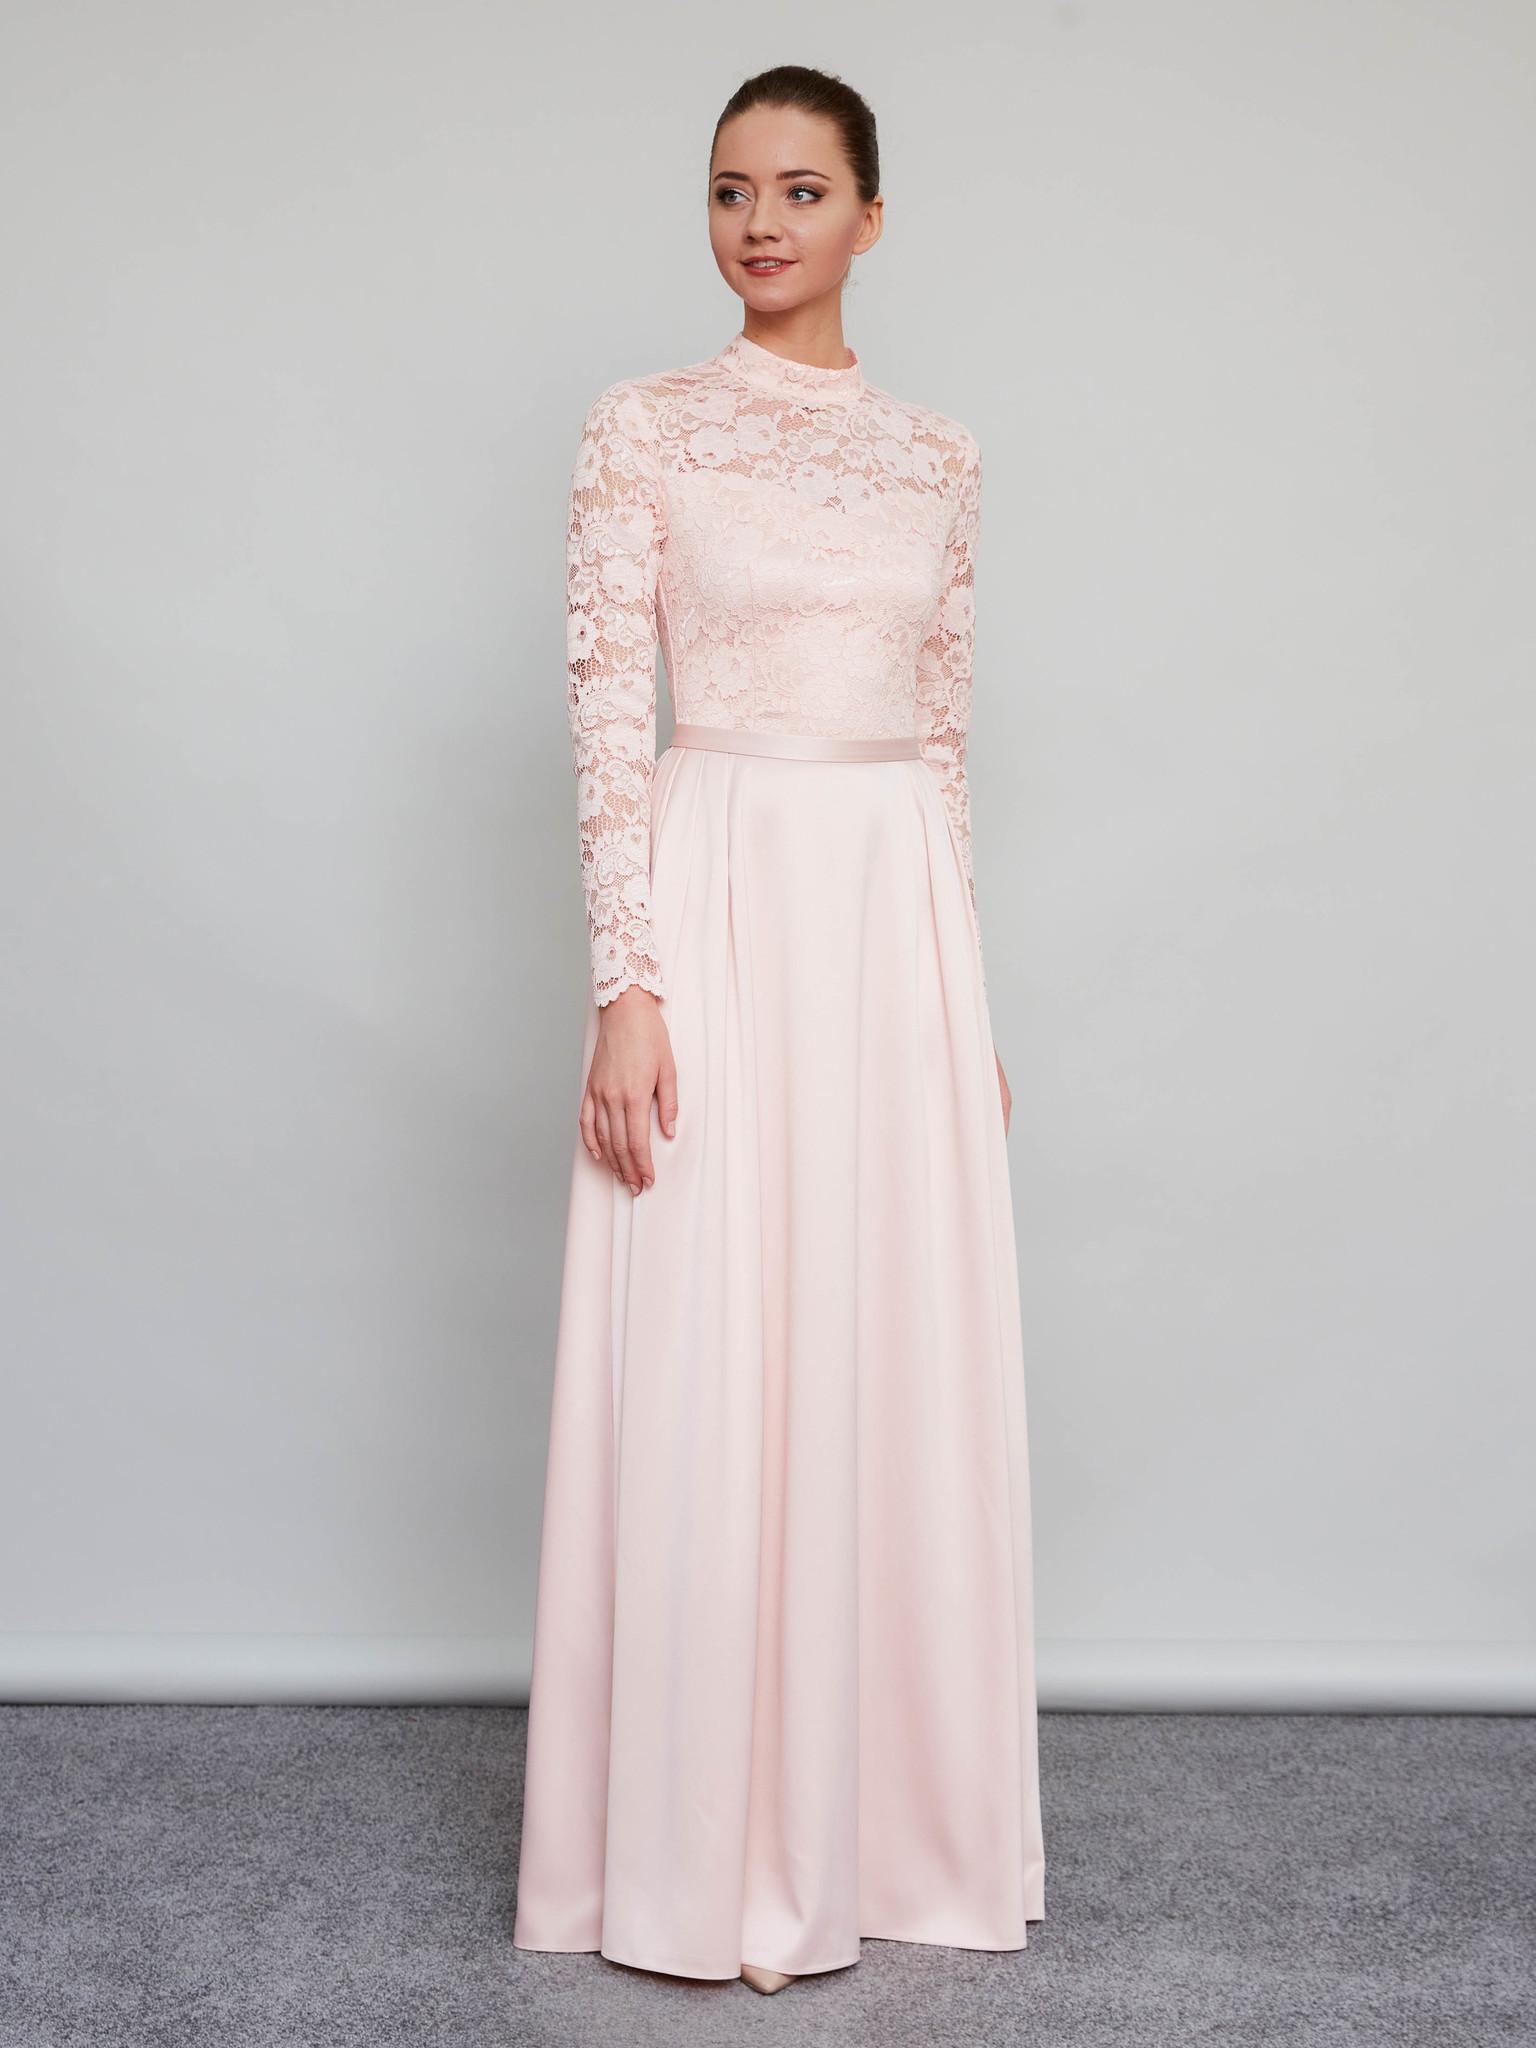 Свадебное платье-макси с кружевным верхом и длинными рукавами (пудра)